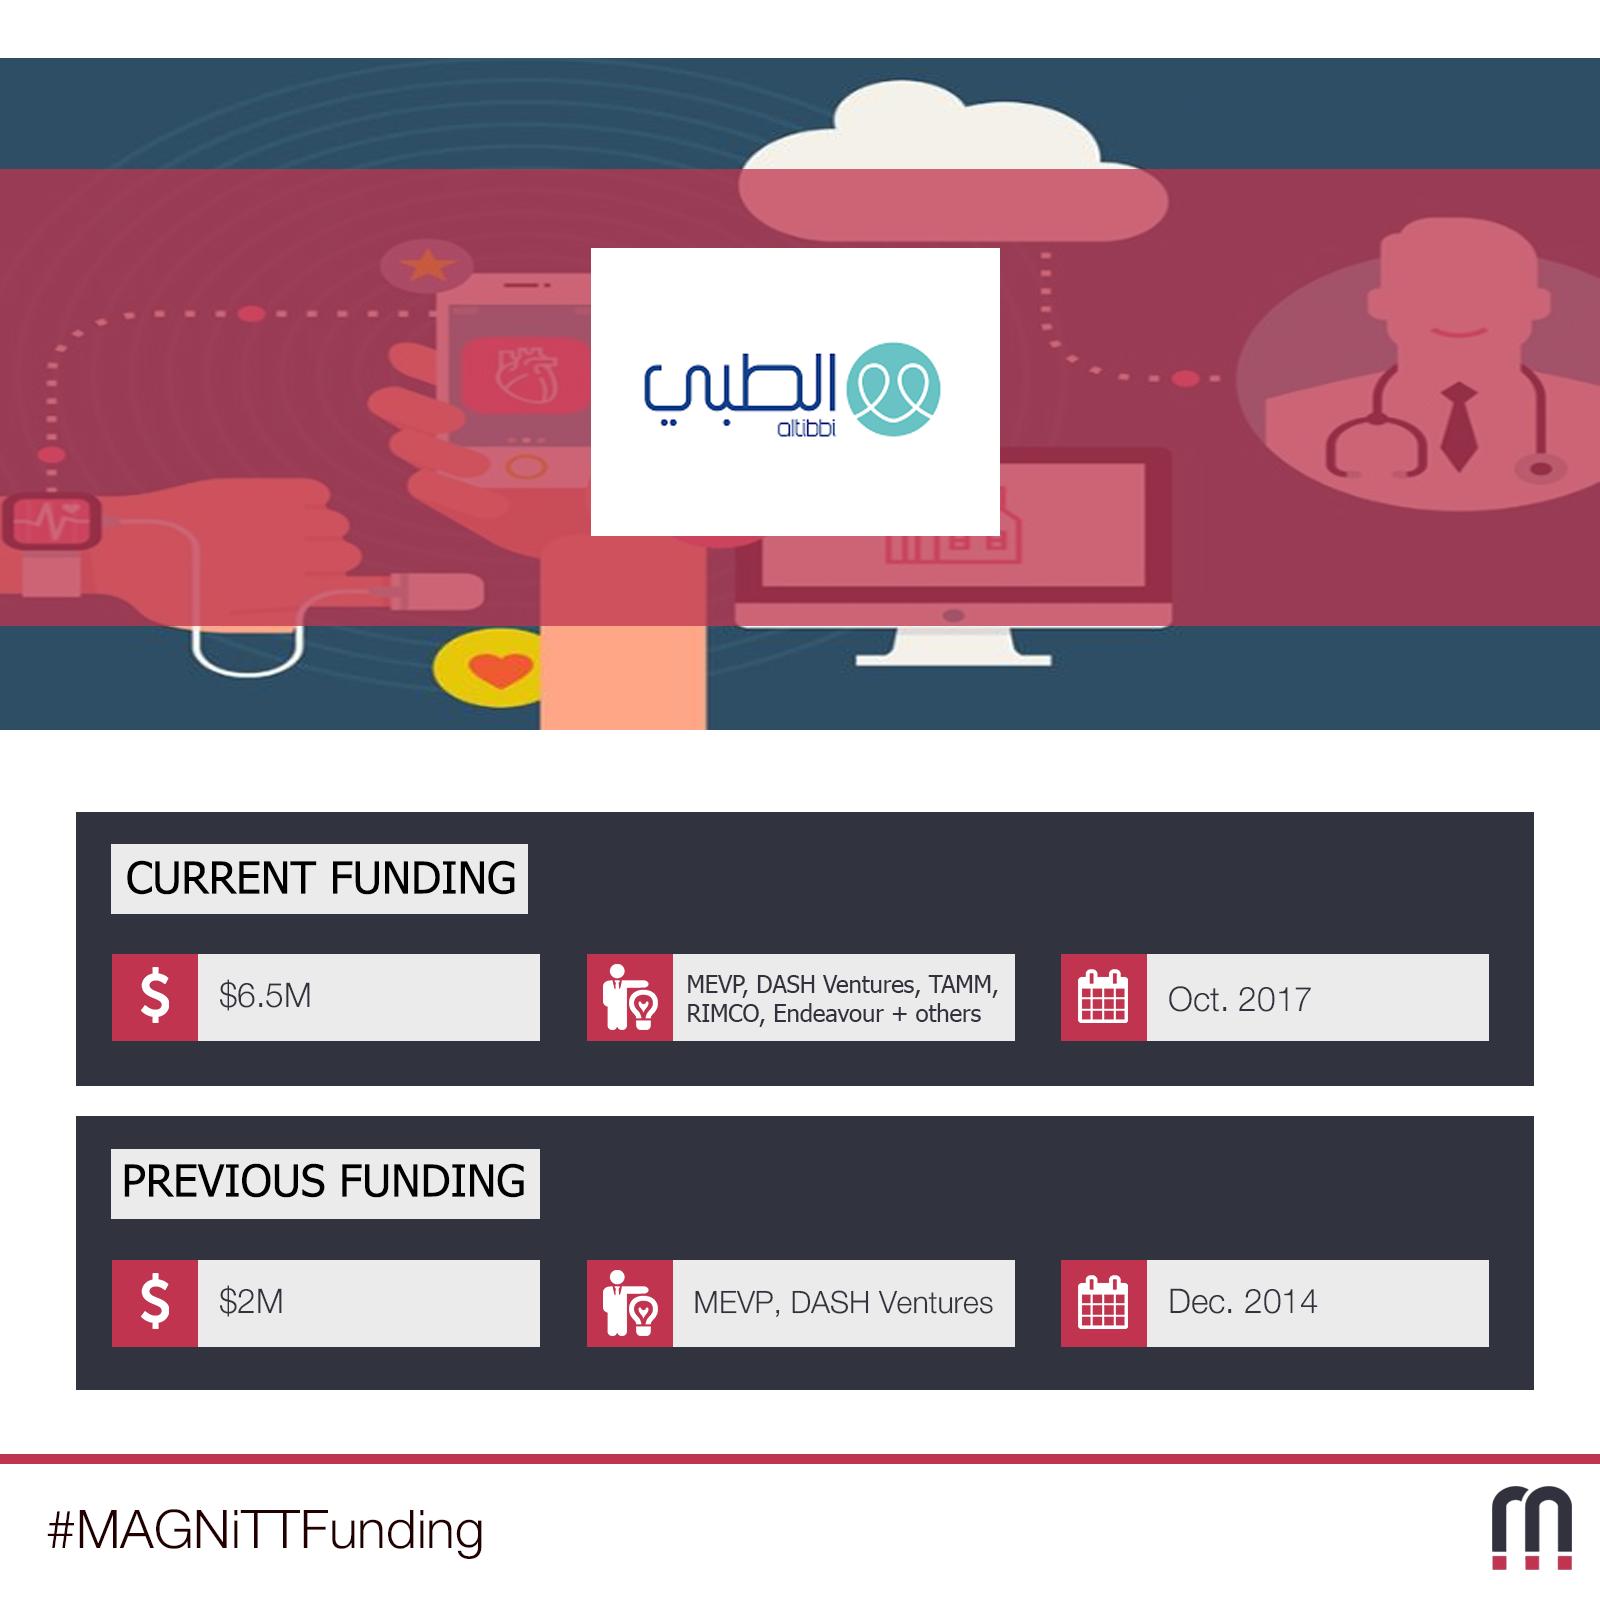 """""""الطبي"""" تحصل على تمويل بقيمة 6.5 مليون دولار لتطوير قطاع الخدمات الصحية الرقمية في العالم العربي"""